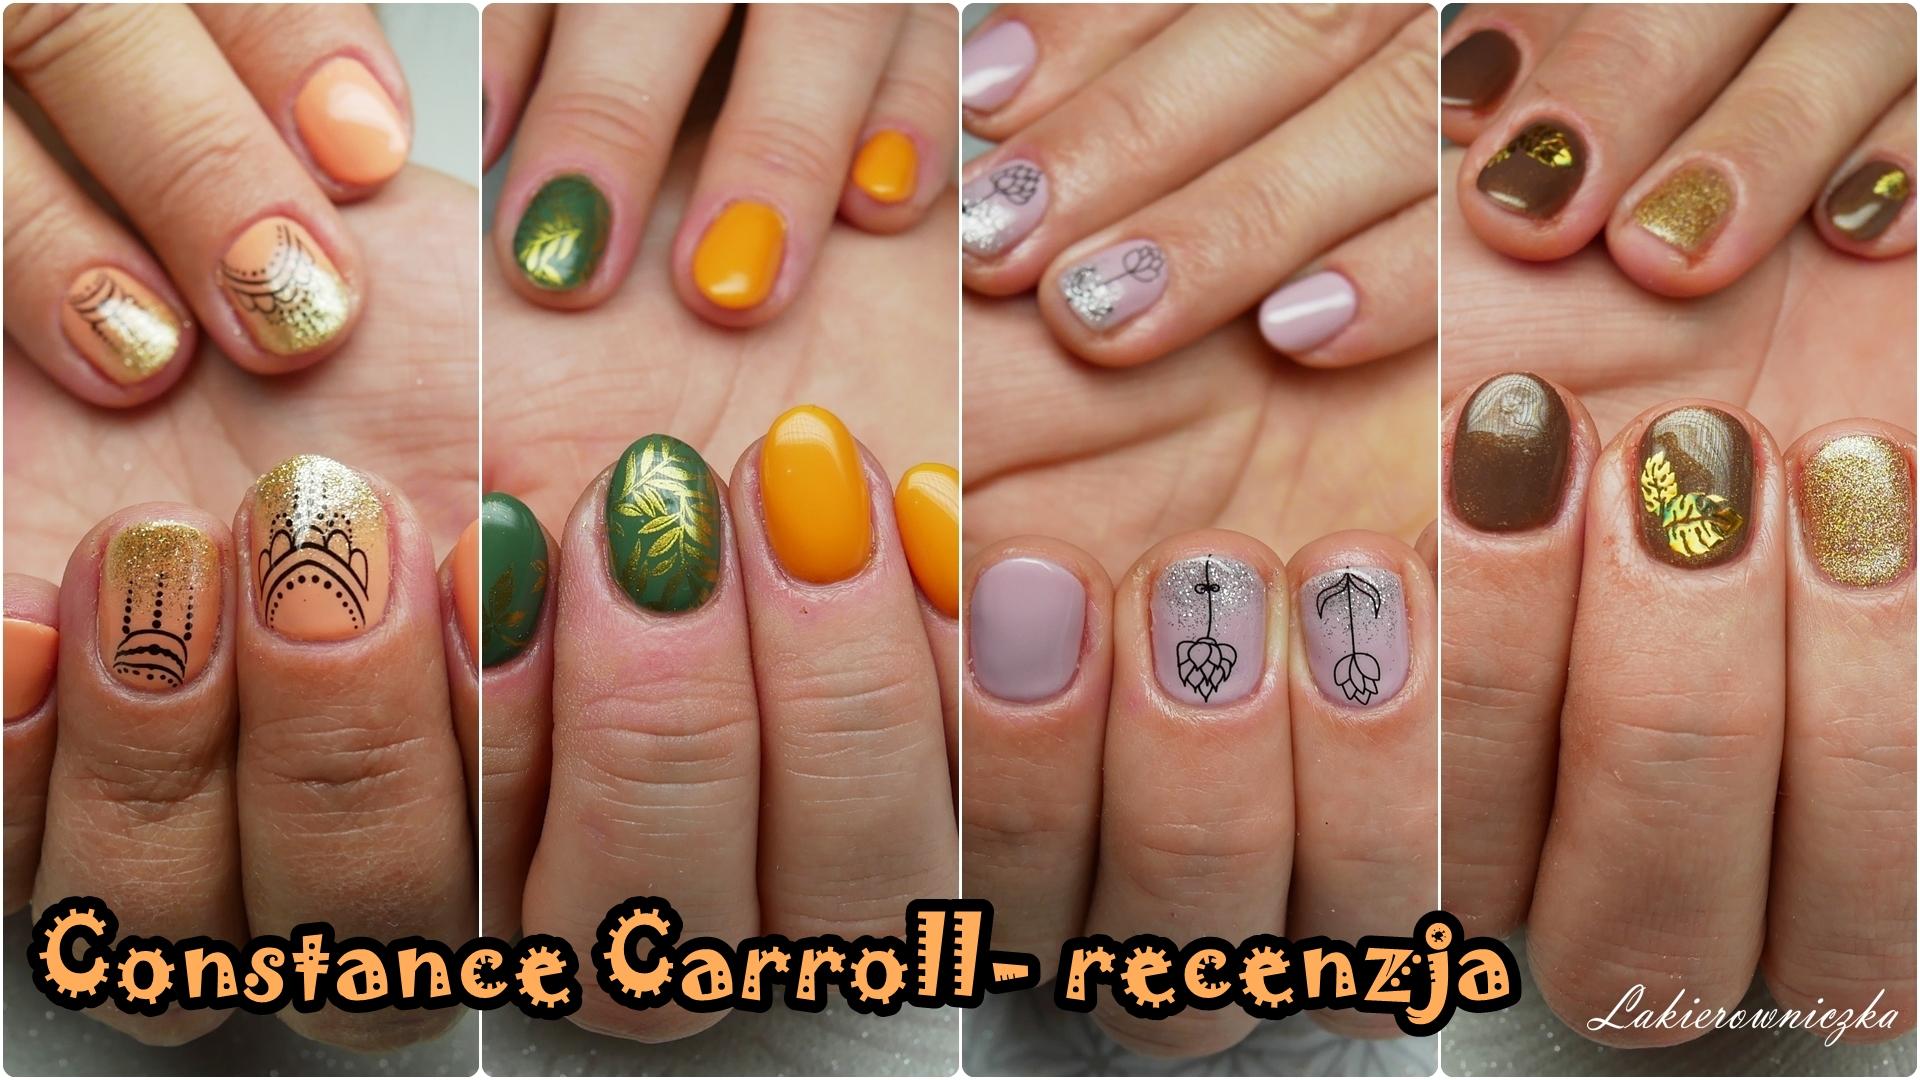 recenzja-Constance-Carroll-hybrydy-opinia-trwalosc-krycie-szybkie-zdobienia-na-jesien-2018-339-220G-269-212G-334-128-gradient-z-brokatem-ombre-wodne-naklejki-na-paznokcie-stempel-Constance Carroll opinia